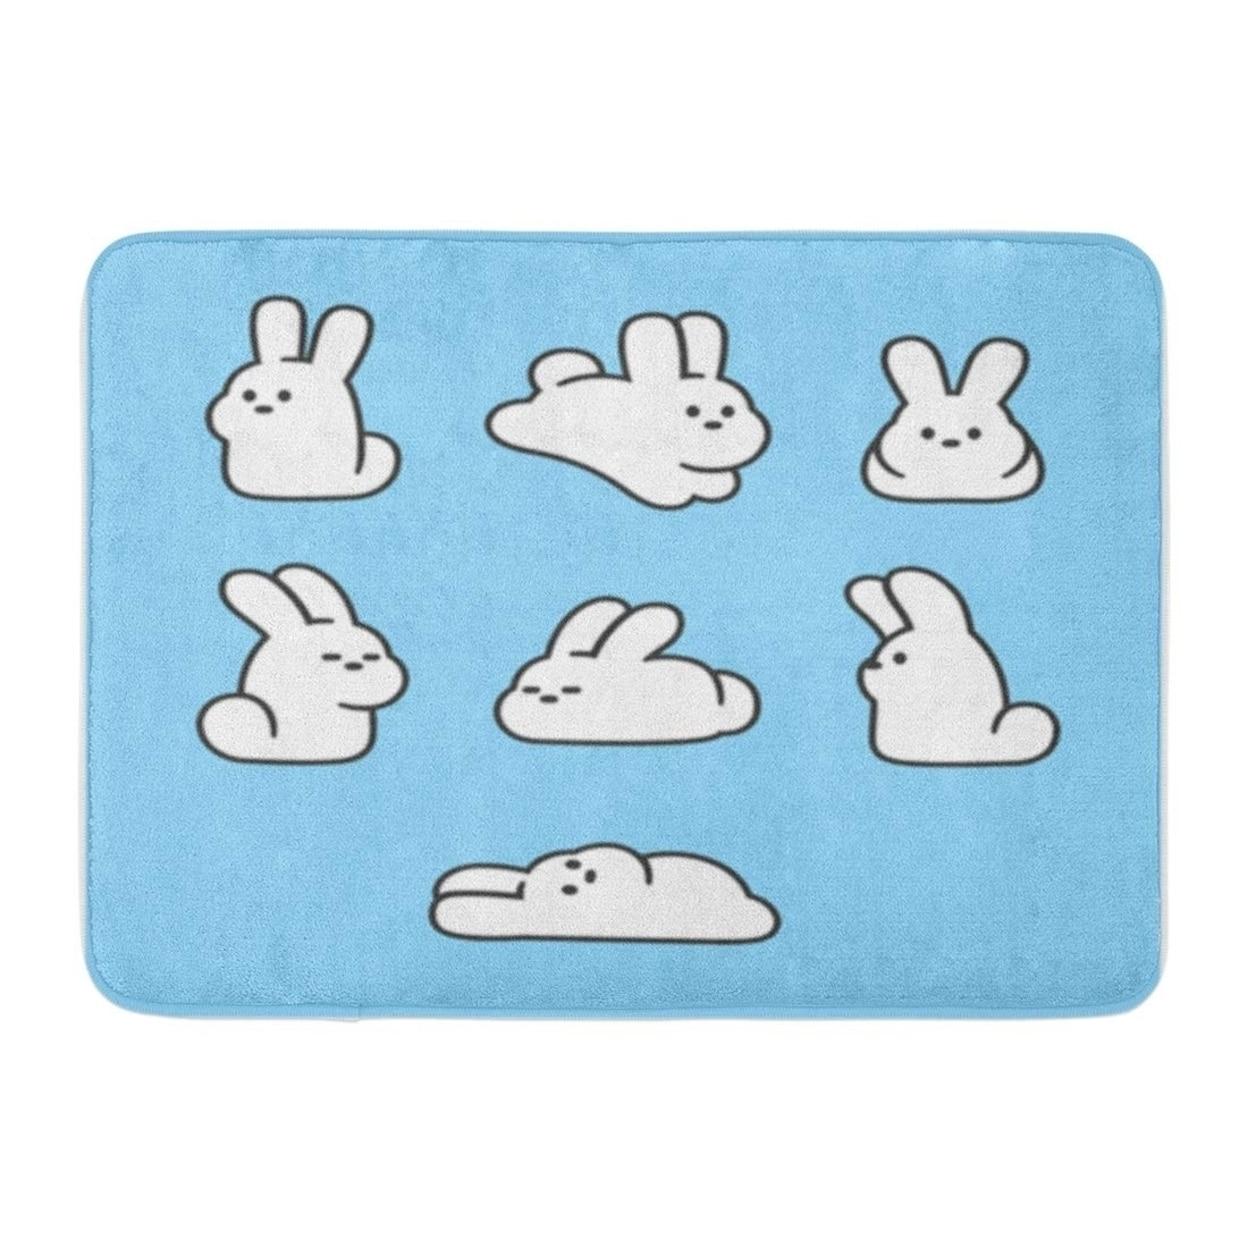 Blue Cute Cartoon Rabbits Simple Bunnies In Different Doormat Floor Rug Bath Mat 30x18 Inch Multi On Sale Overstock 31780123